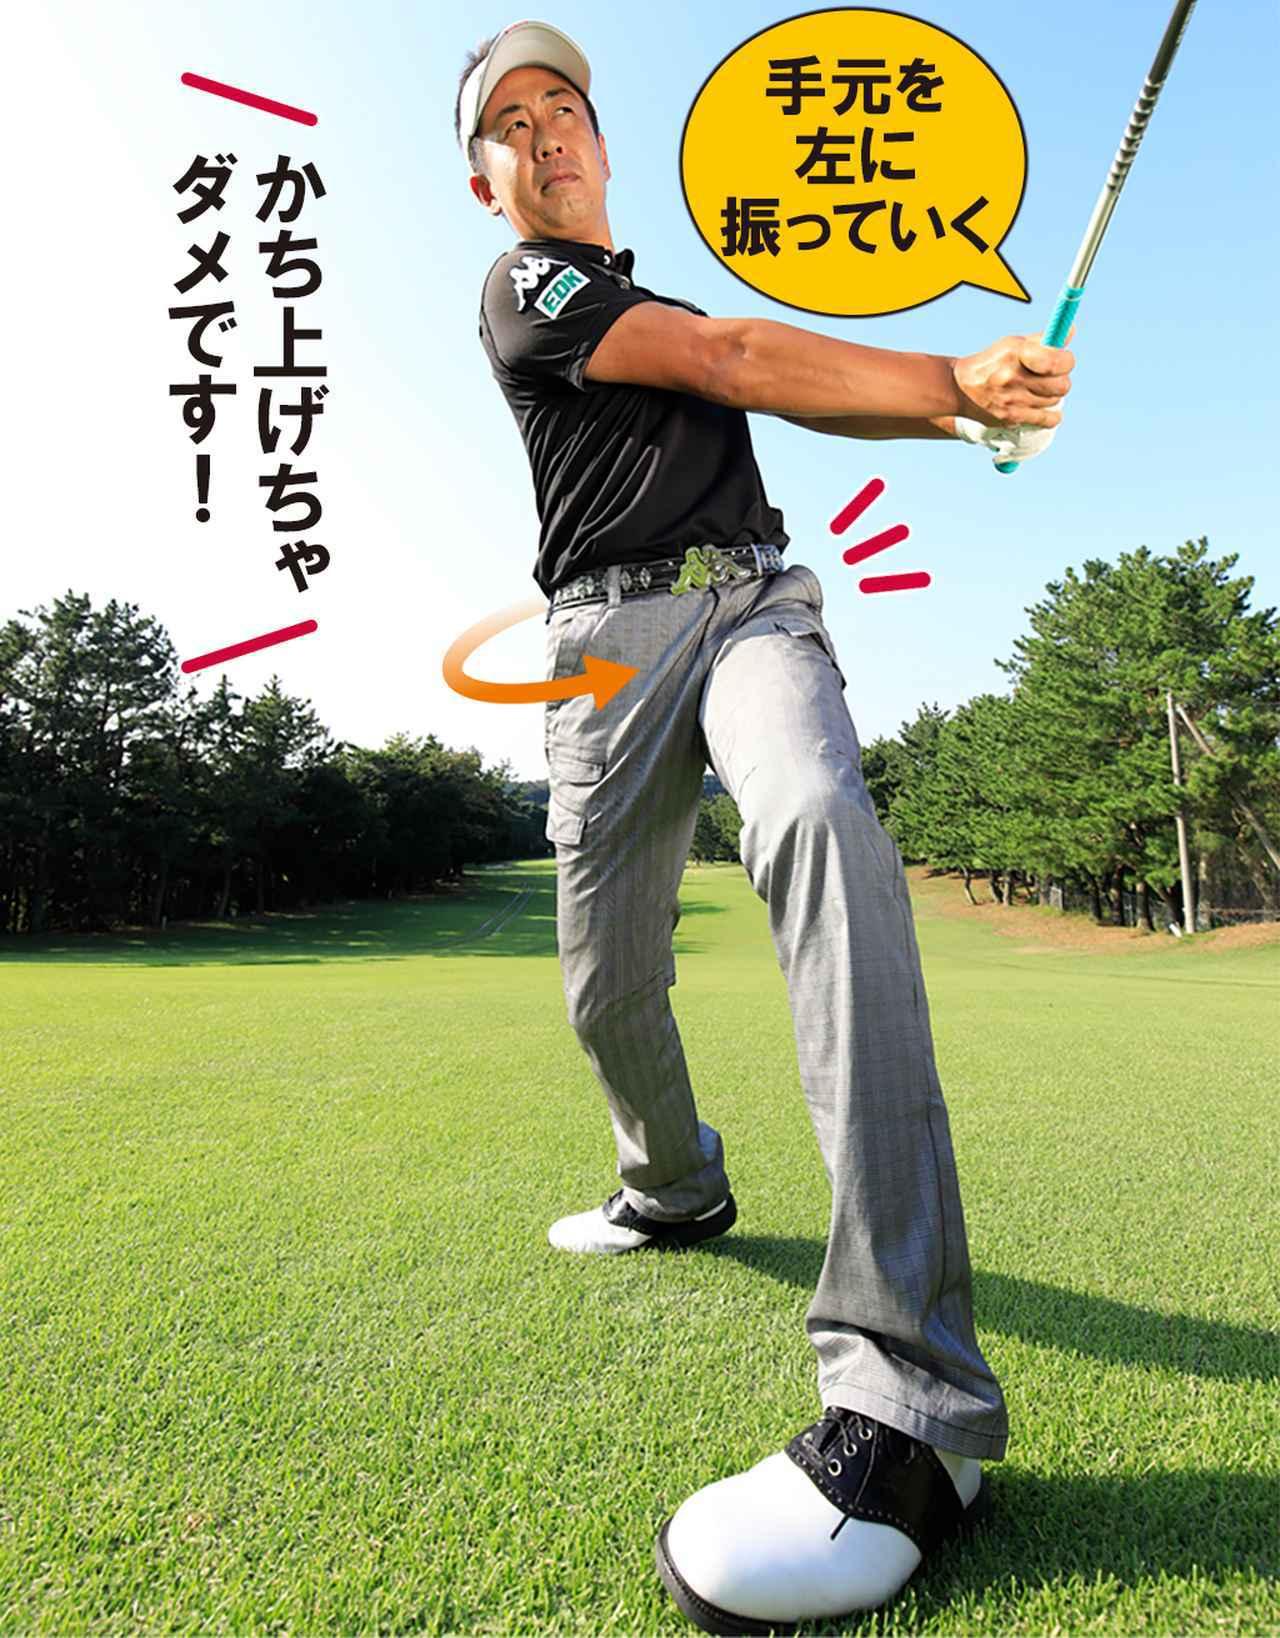 画像: 【スウィングのPOINT①】 手首の角度を保って左下に振っていく